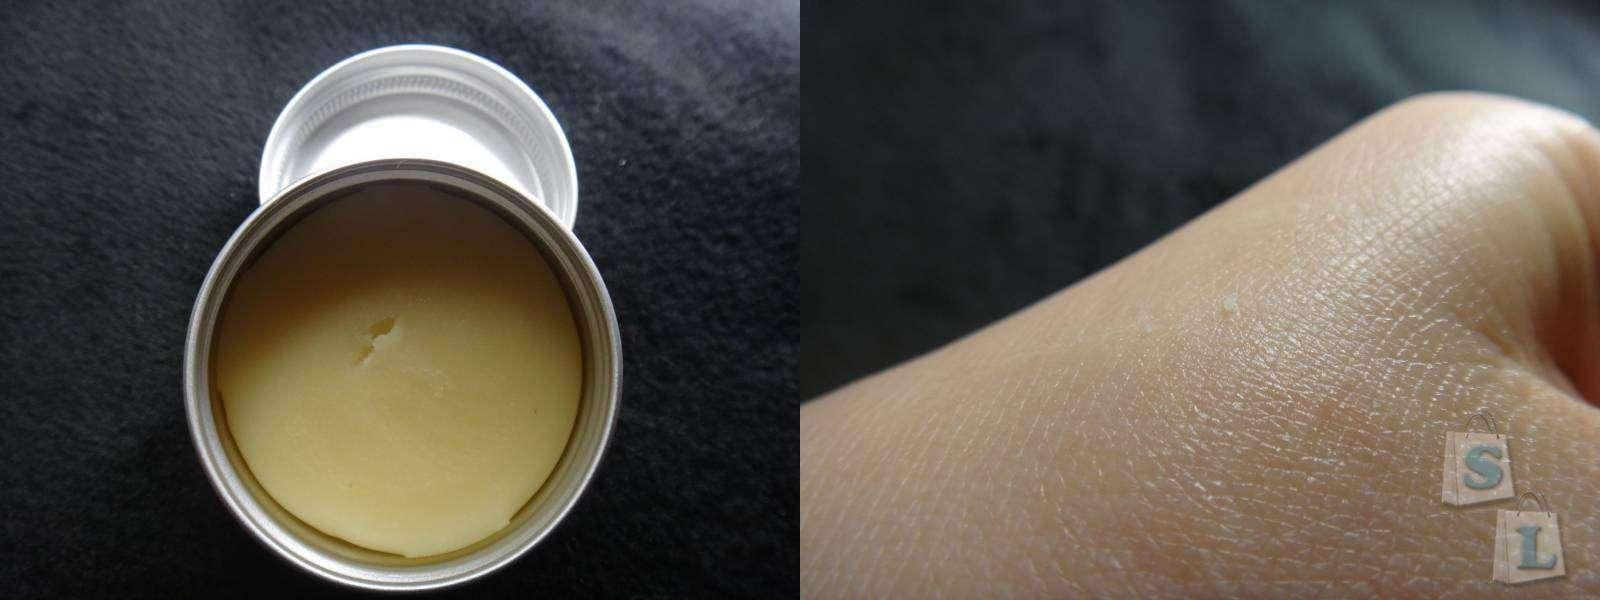 Другие - Украина: Небольшой обзор косметики ТМ  'AlpStories': бальзам для губ, крем-гель для рук и антицеллюлитного массажного  масла